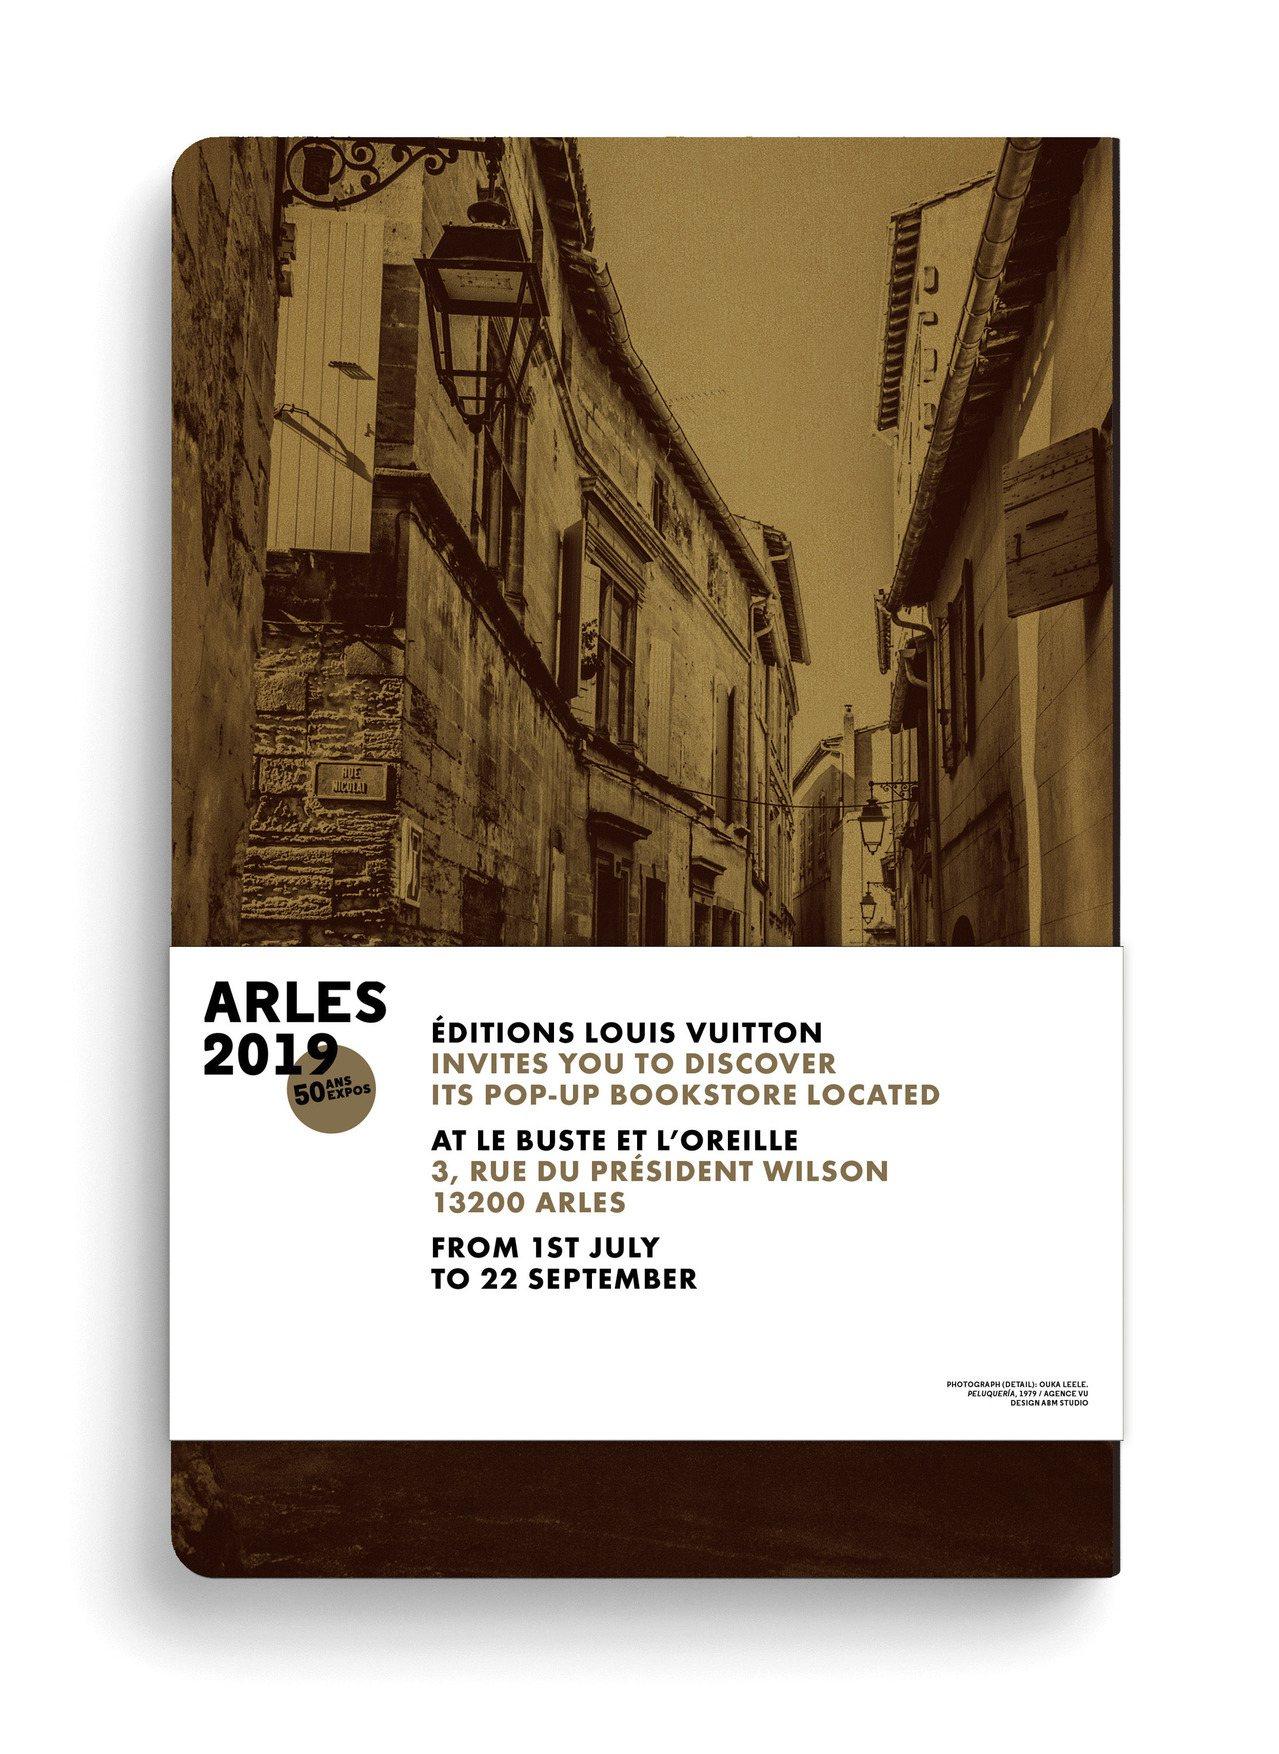 「亞爾市旅遊指南」收藏本,售價750元。圖/LV提供